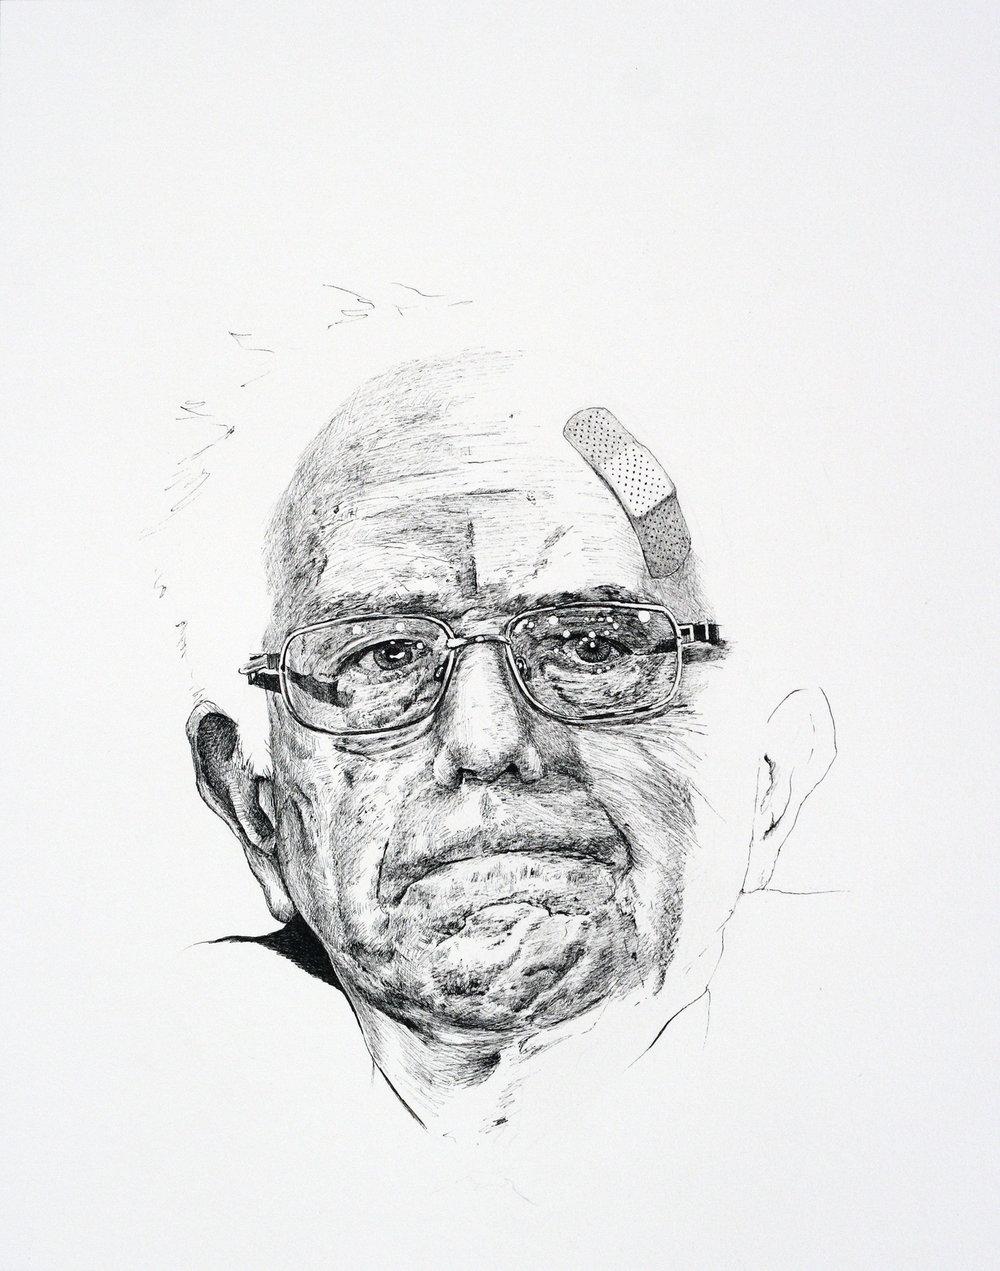 Tafur_Bernie Sanders Unfinished(2017)_pen on paper_14x11_unframed.jpg